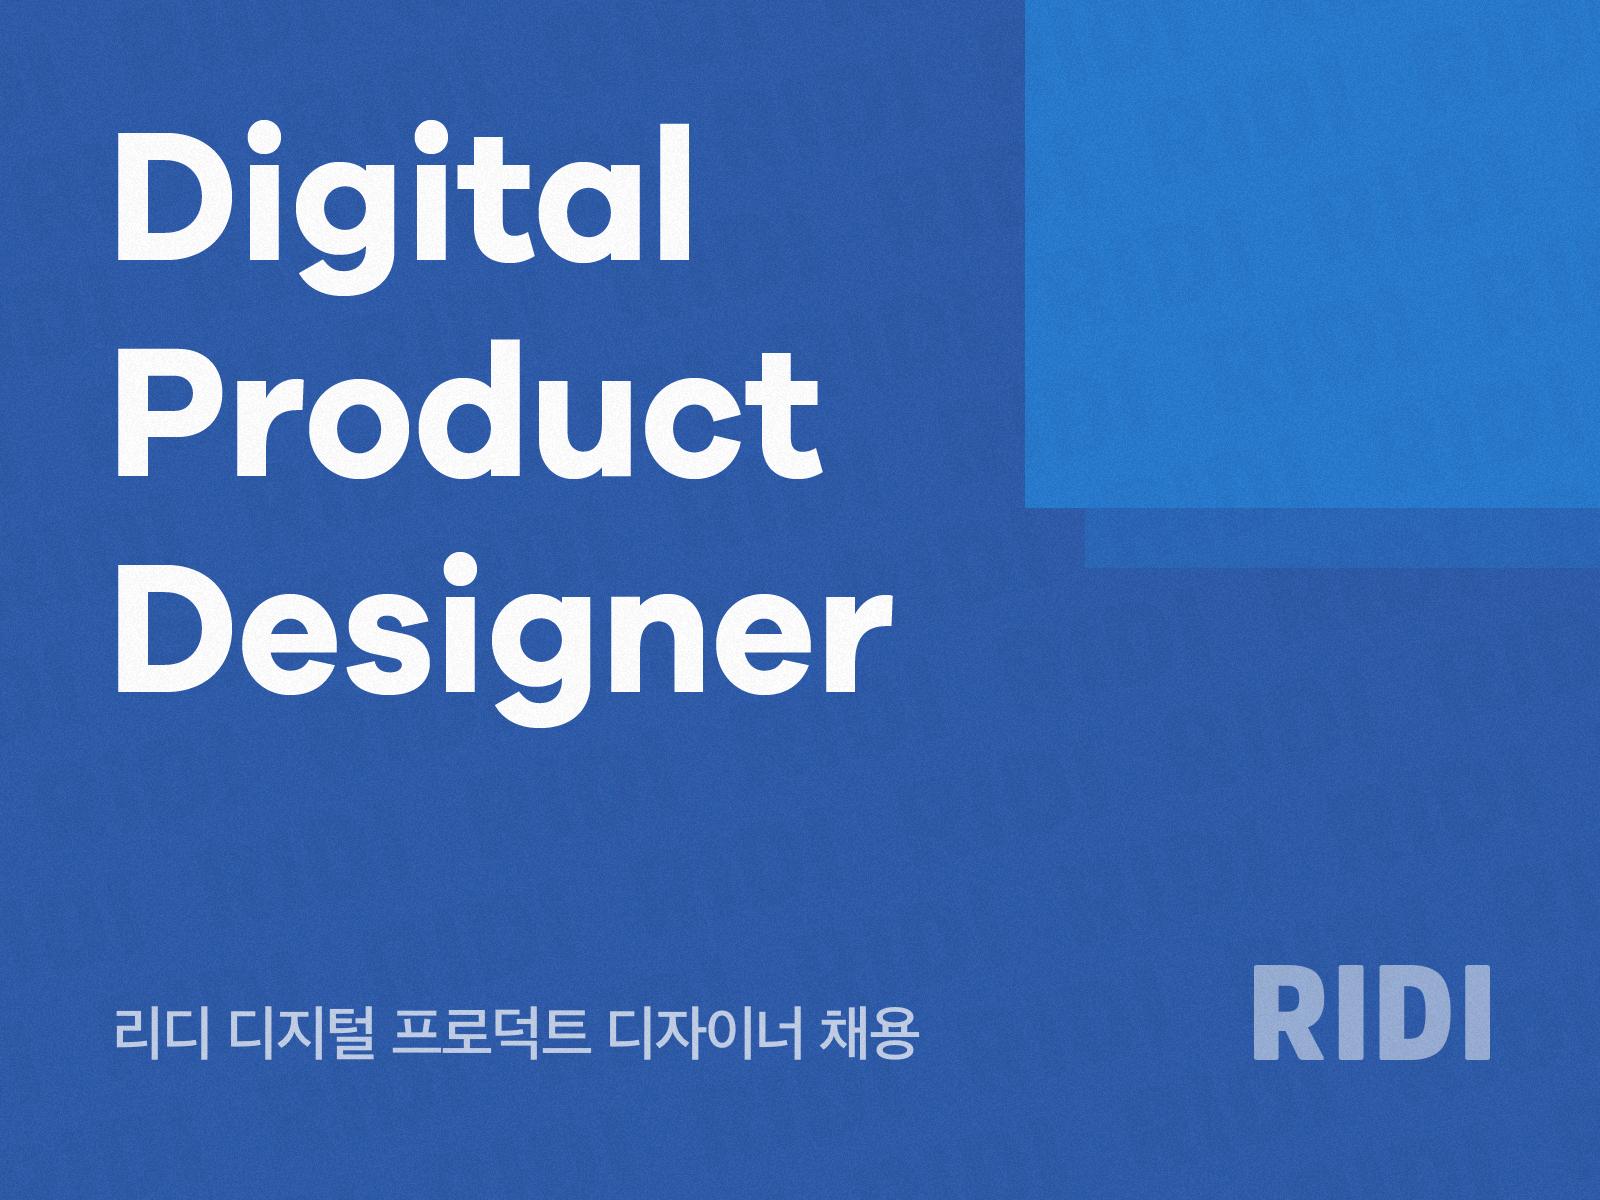 RIDI 디지털 프로덕트 디자이너 채용